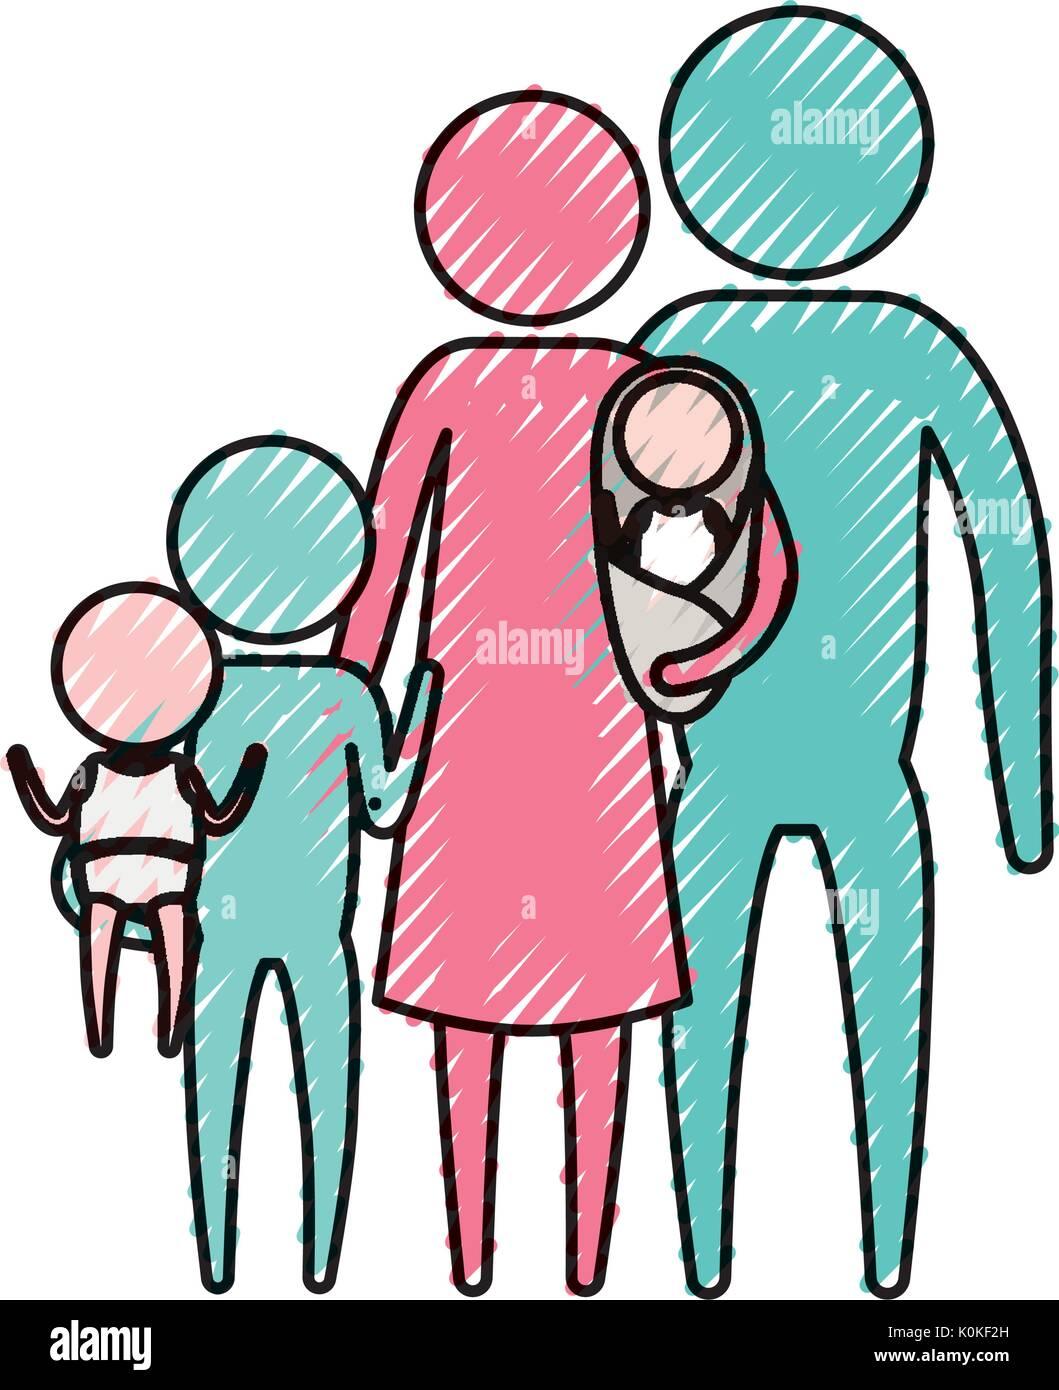 Farbe Kreide silhouette Piktogramm große Familie Gruppe Stockbild